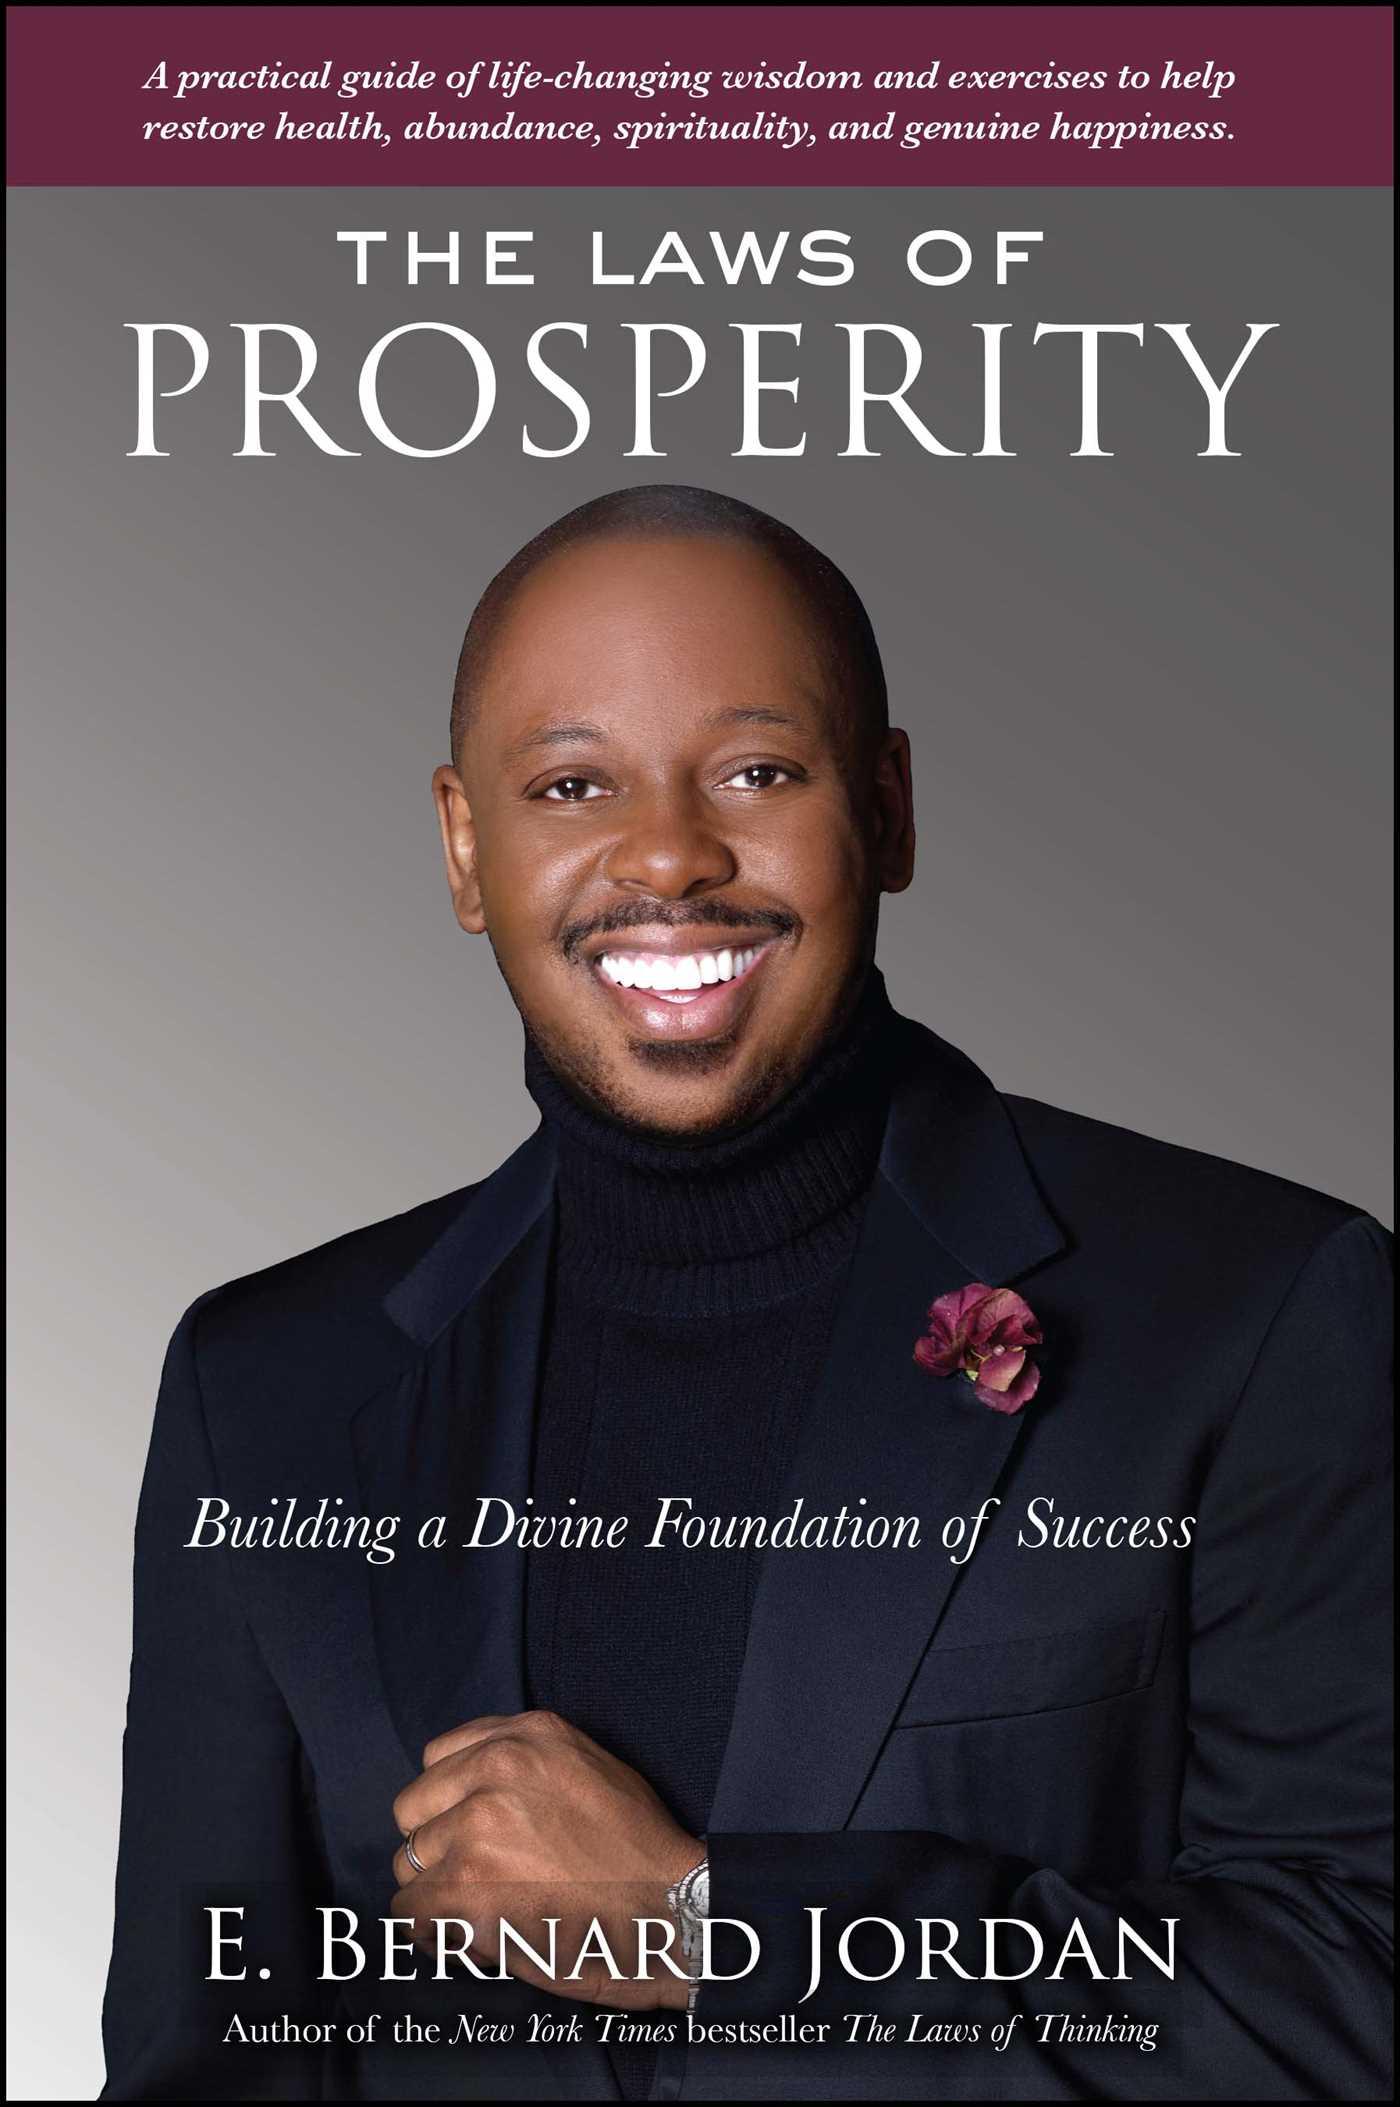 Download Ebook The Laws of Prosperity by E. Bernard Jordan Pdf